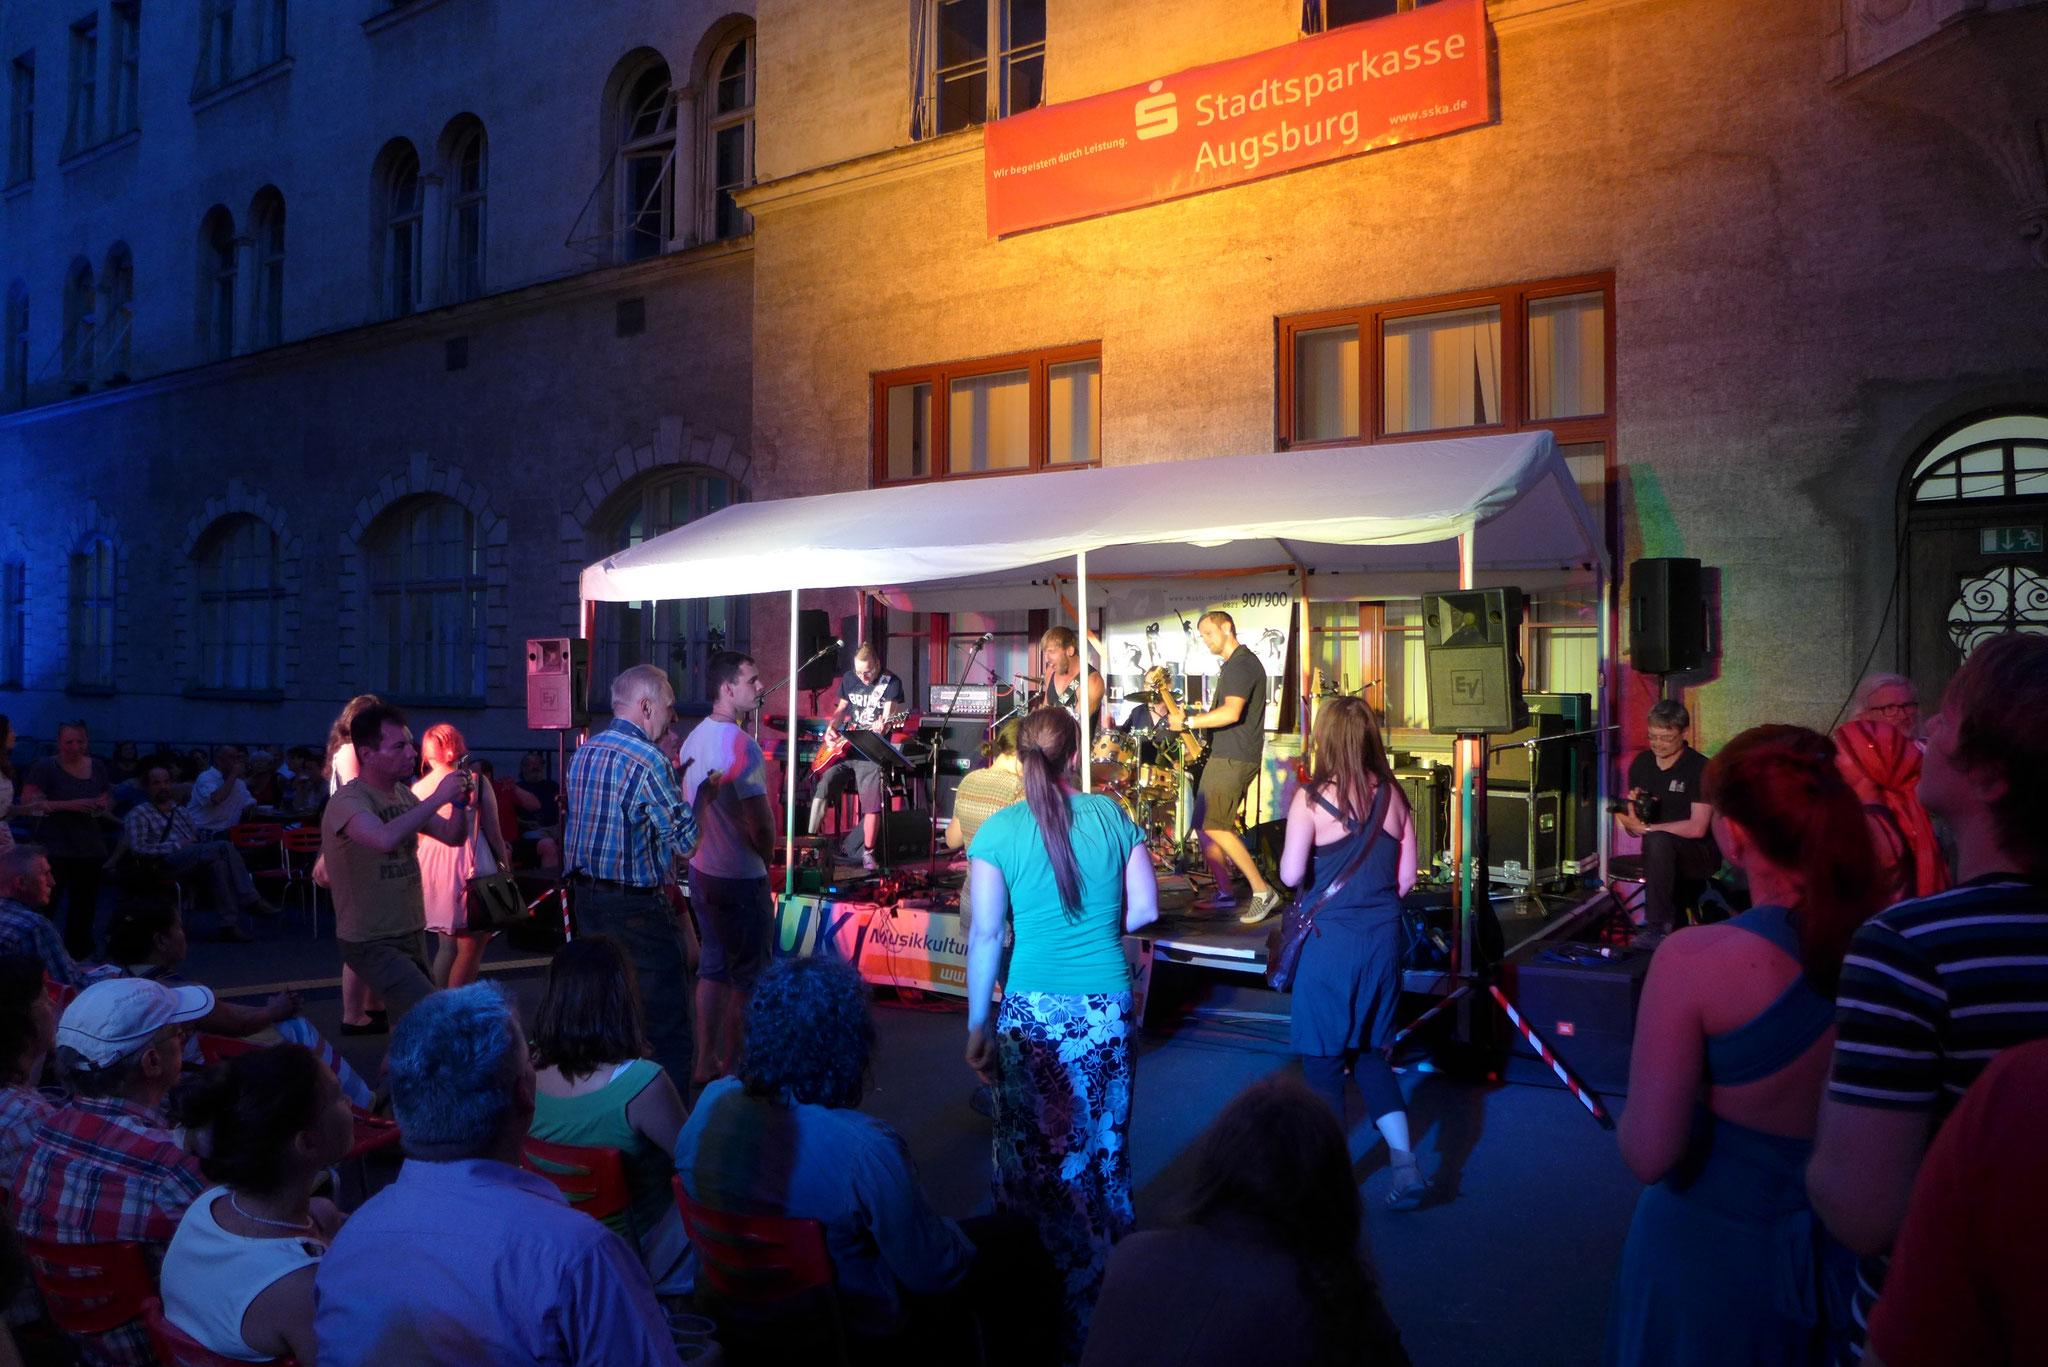 Konzerte im Bürgerhof 03.07.15 No Rules - Freiwilligen-Zentrum Augsburg - Foto: Christoph Urban